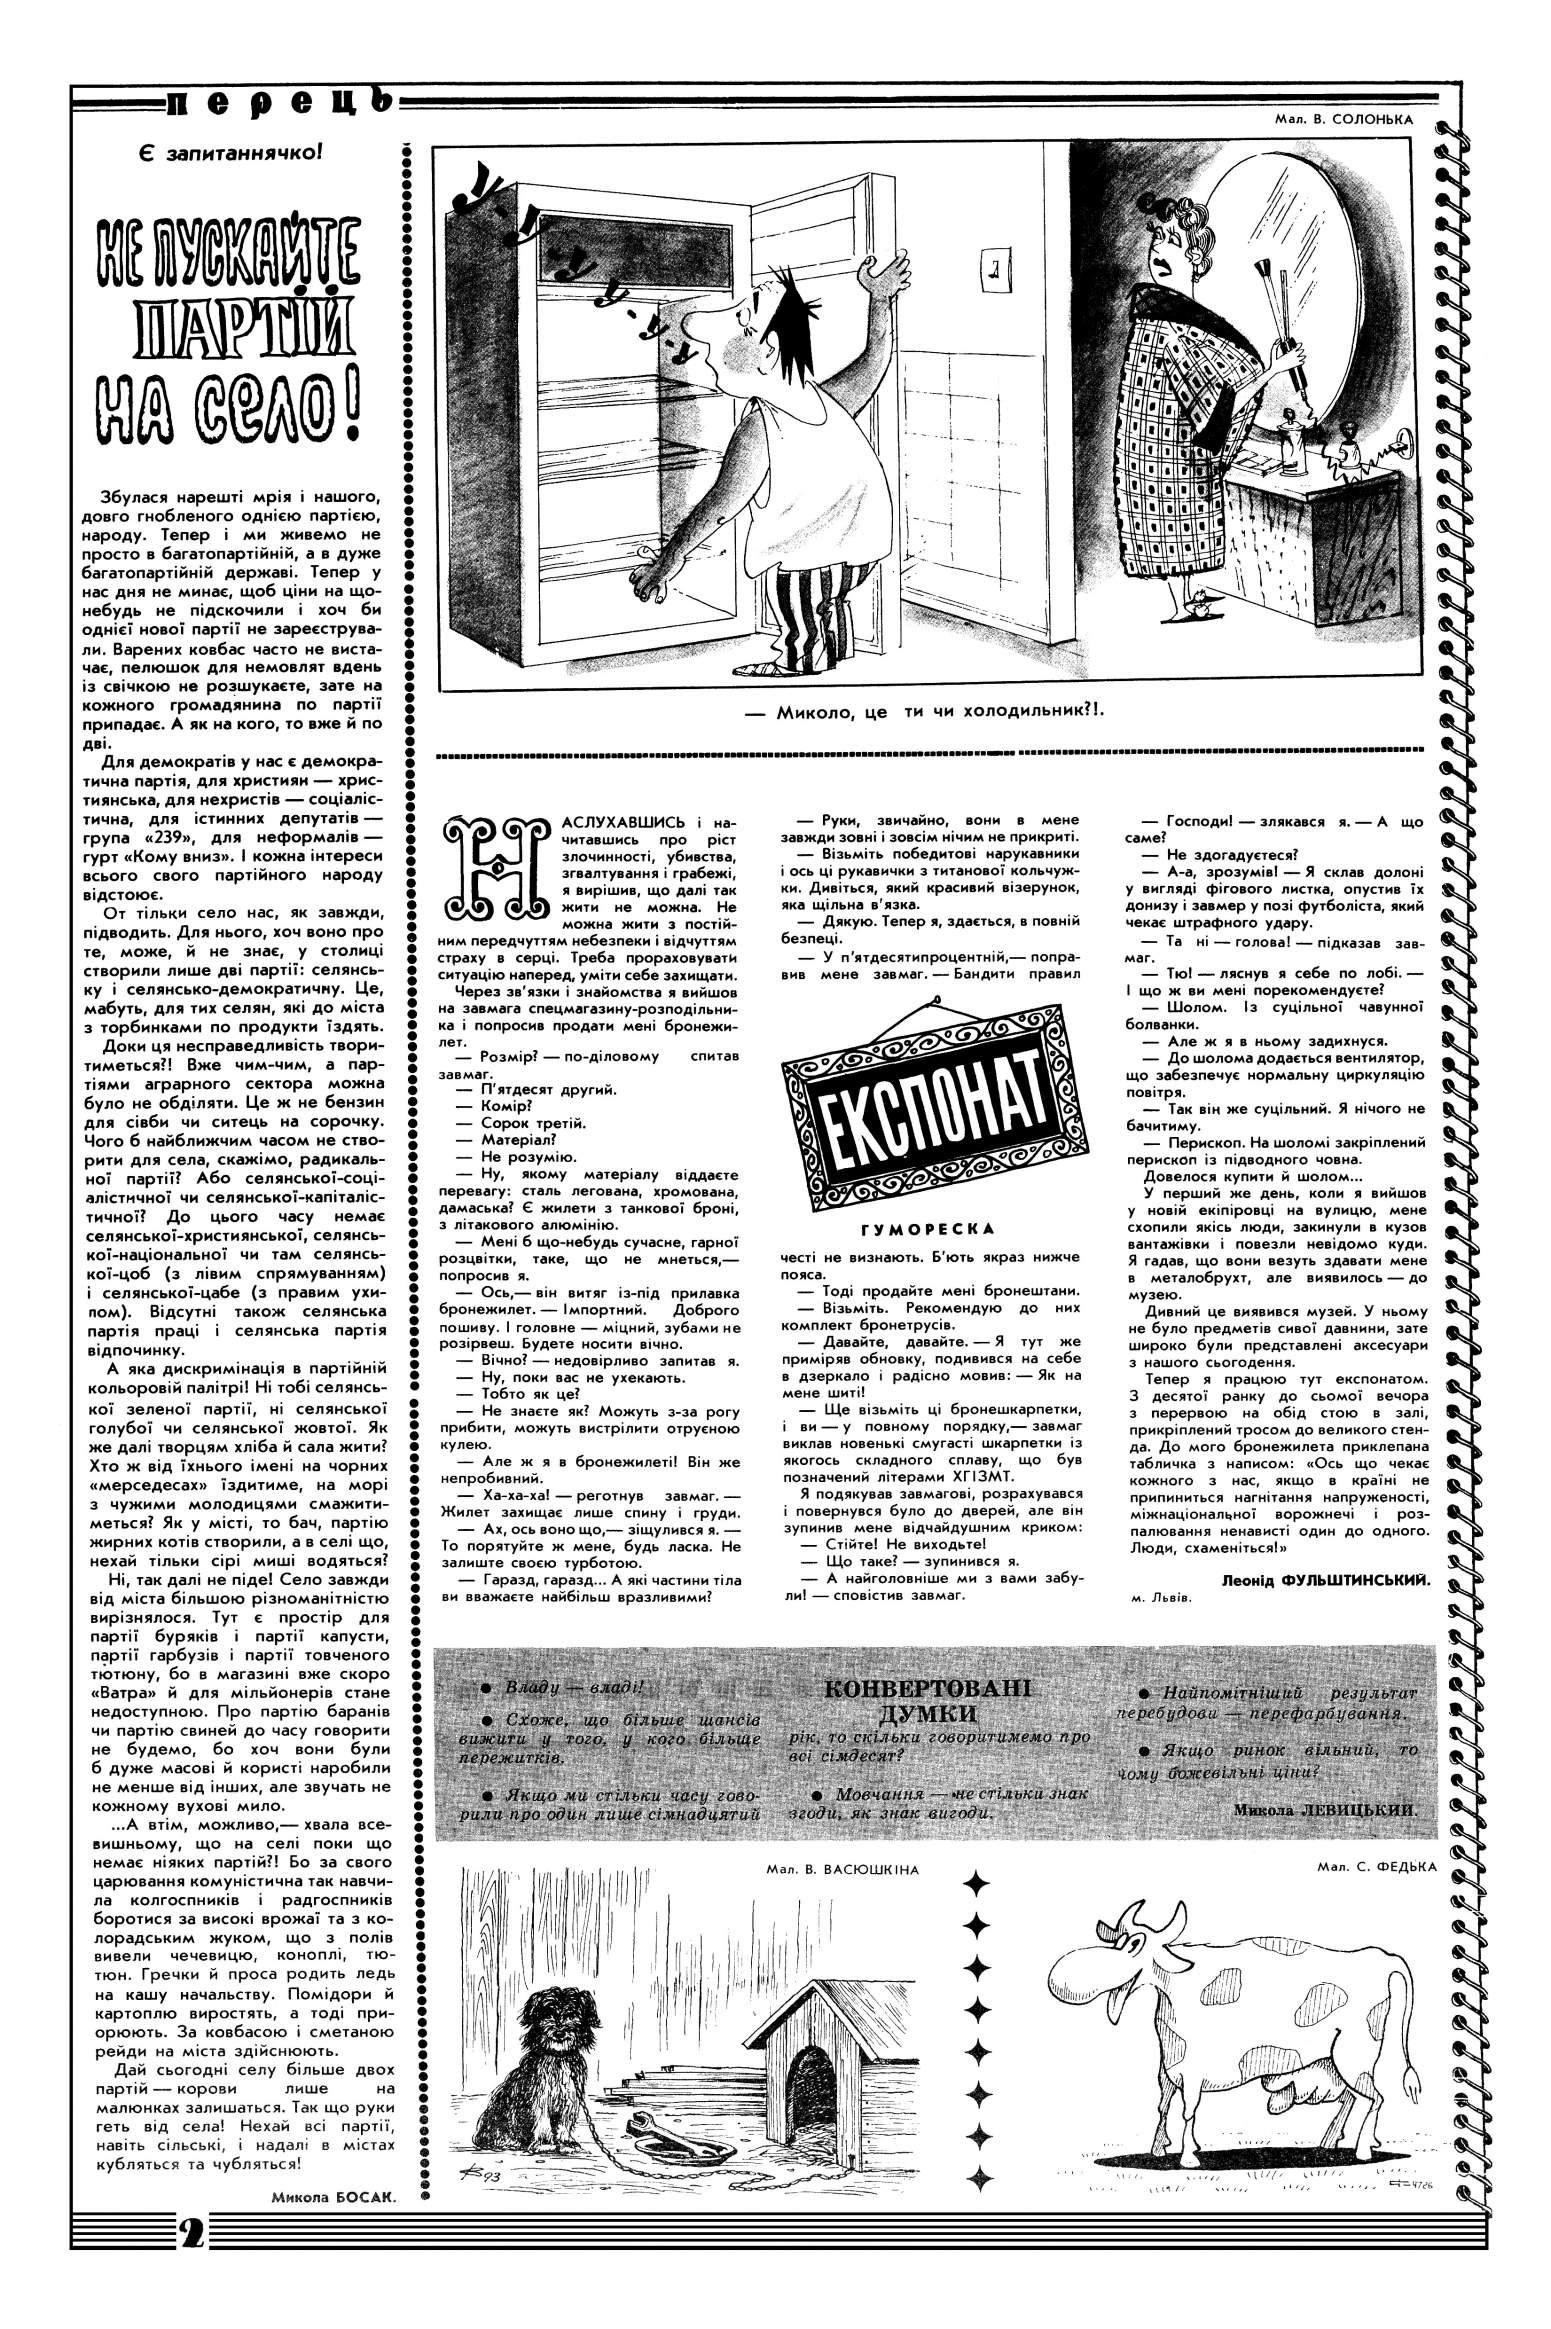 Журнал перець 1993 №08